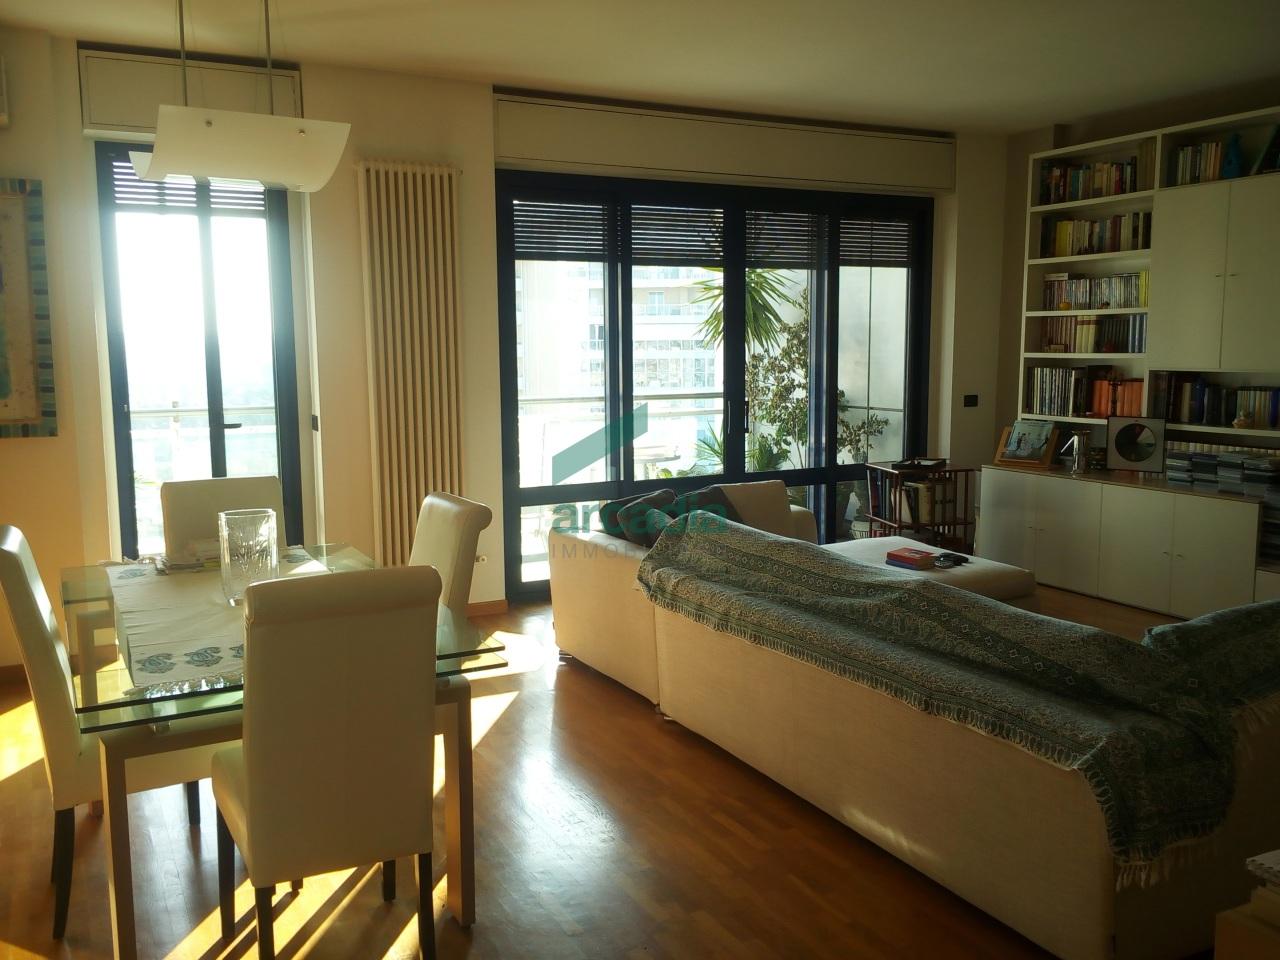 Appartamento in vendita a Bari, 5 locali, prezzo € 450.000 | Cambio Casa.it